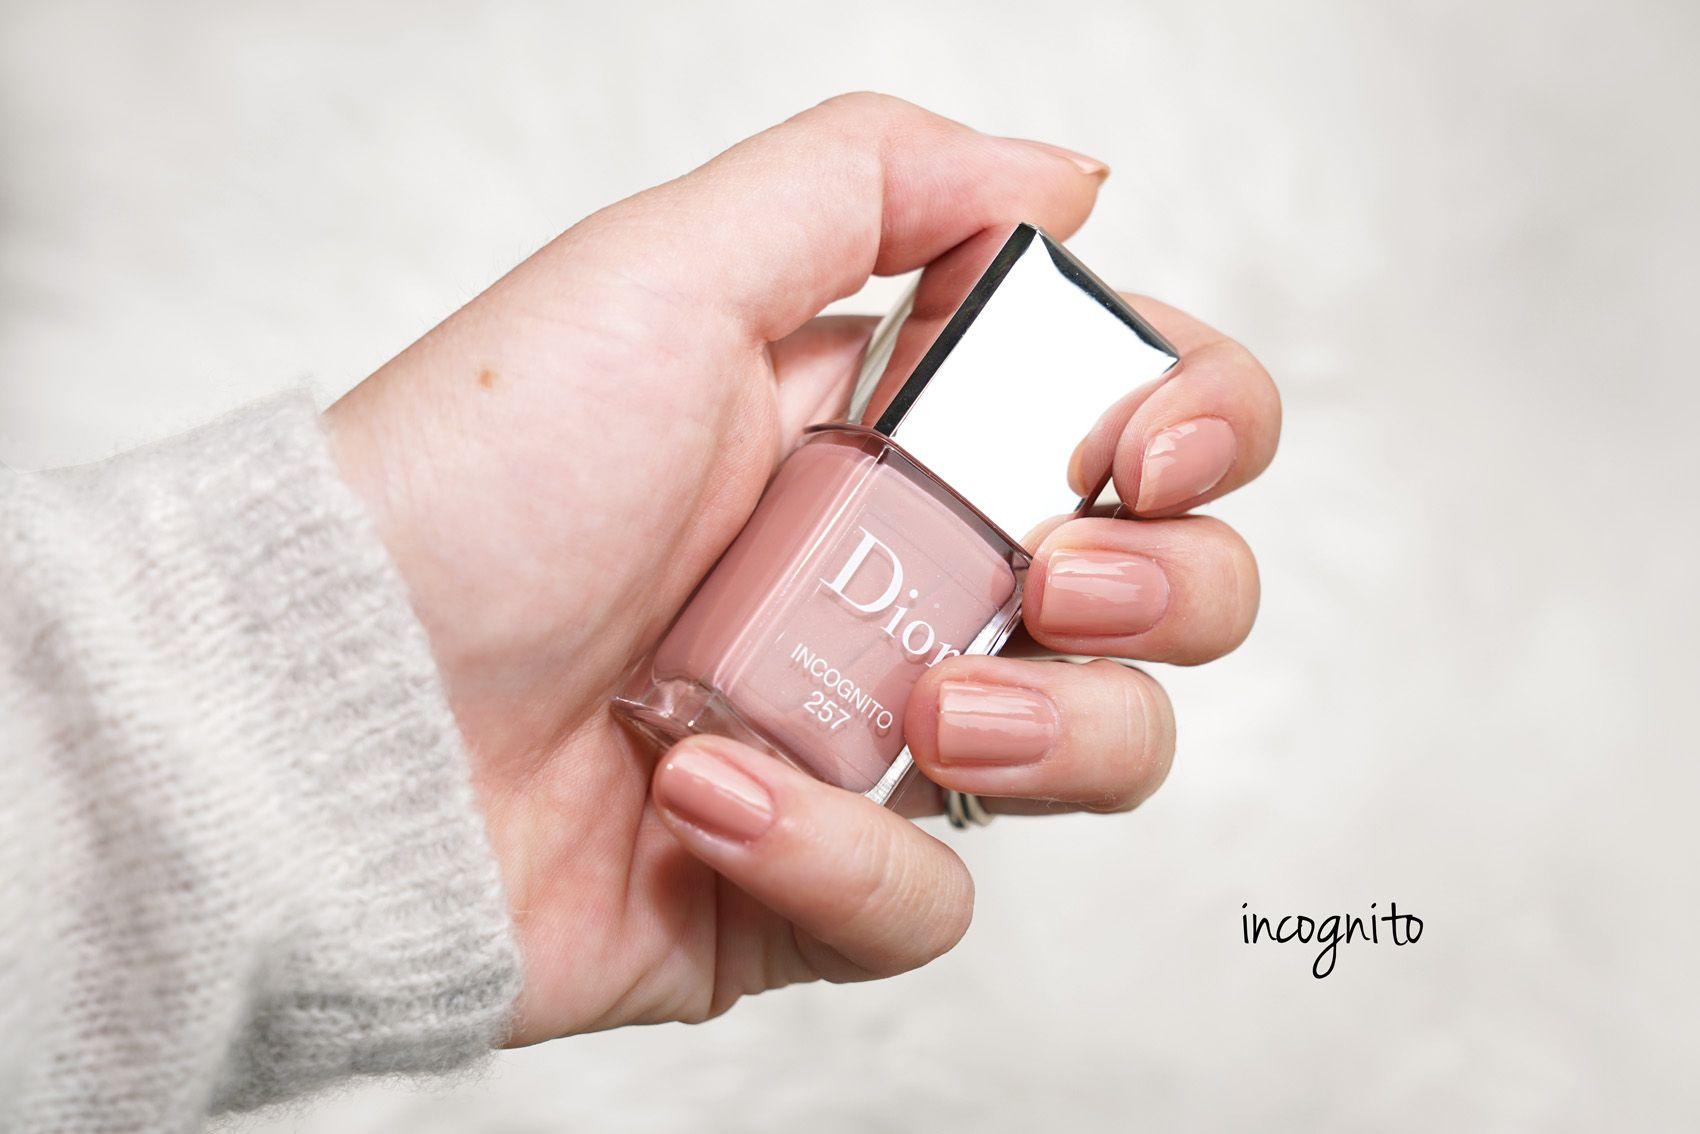 Dior Incognito Nail Polish The Beauty Look Book In 2020 Dior Nail Glow Dior Nails Nail Polish